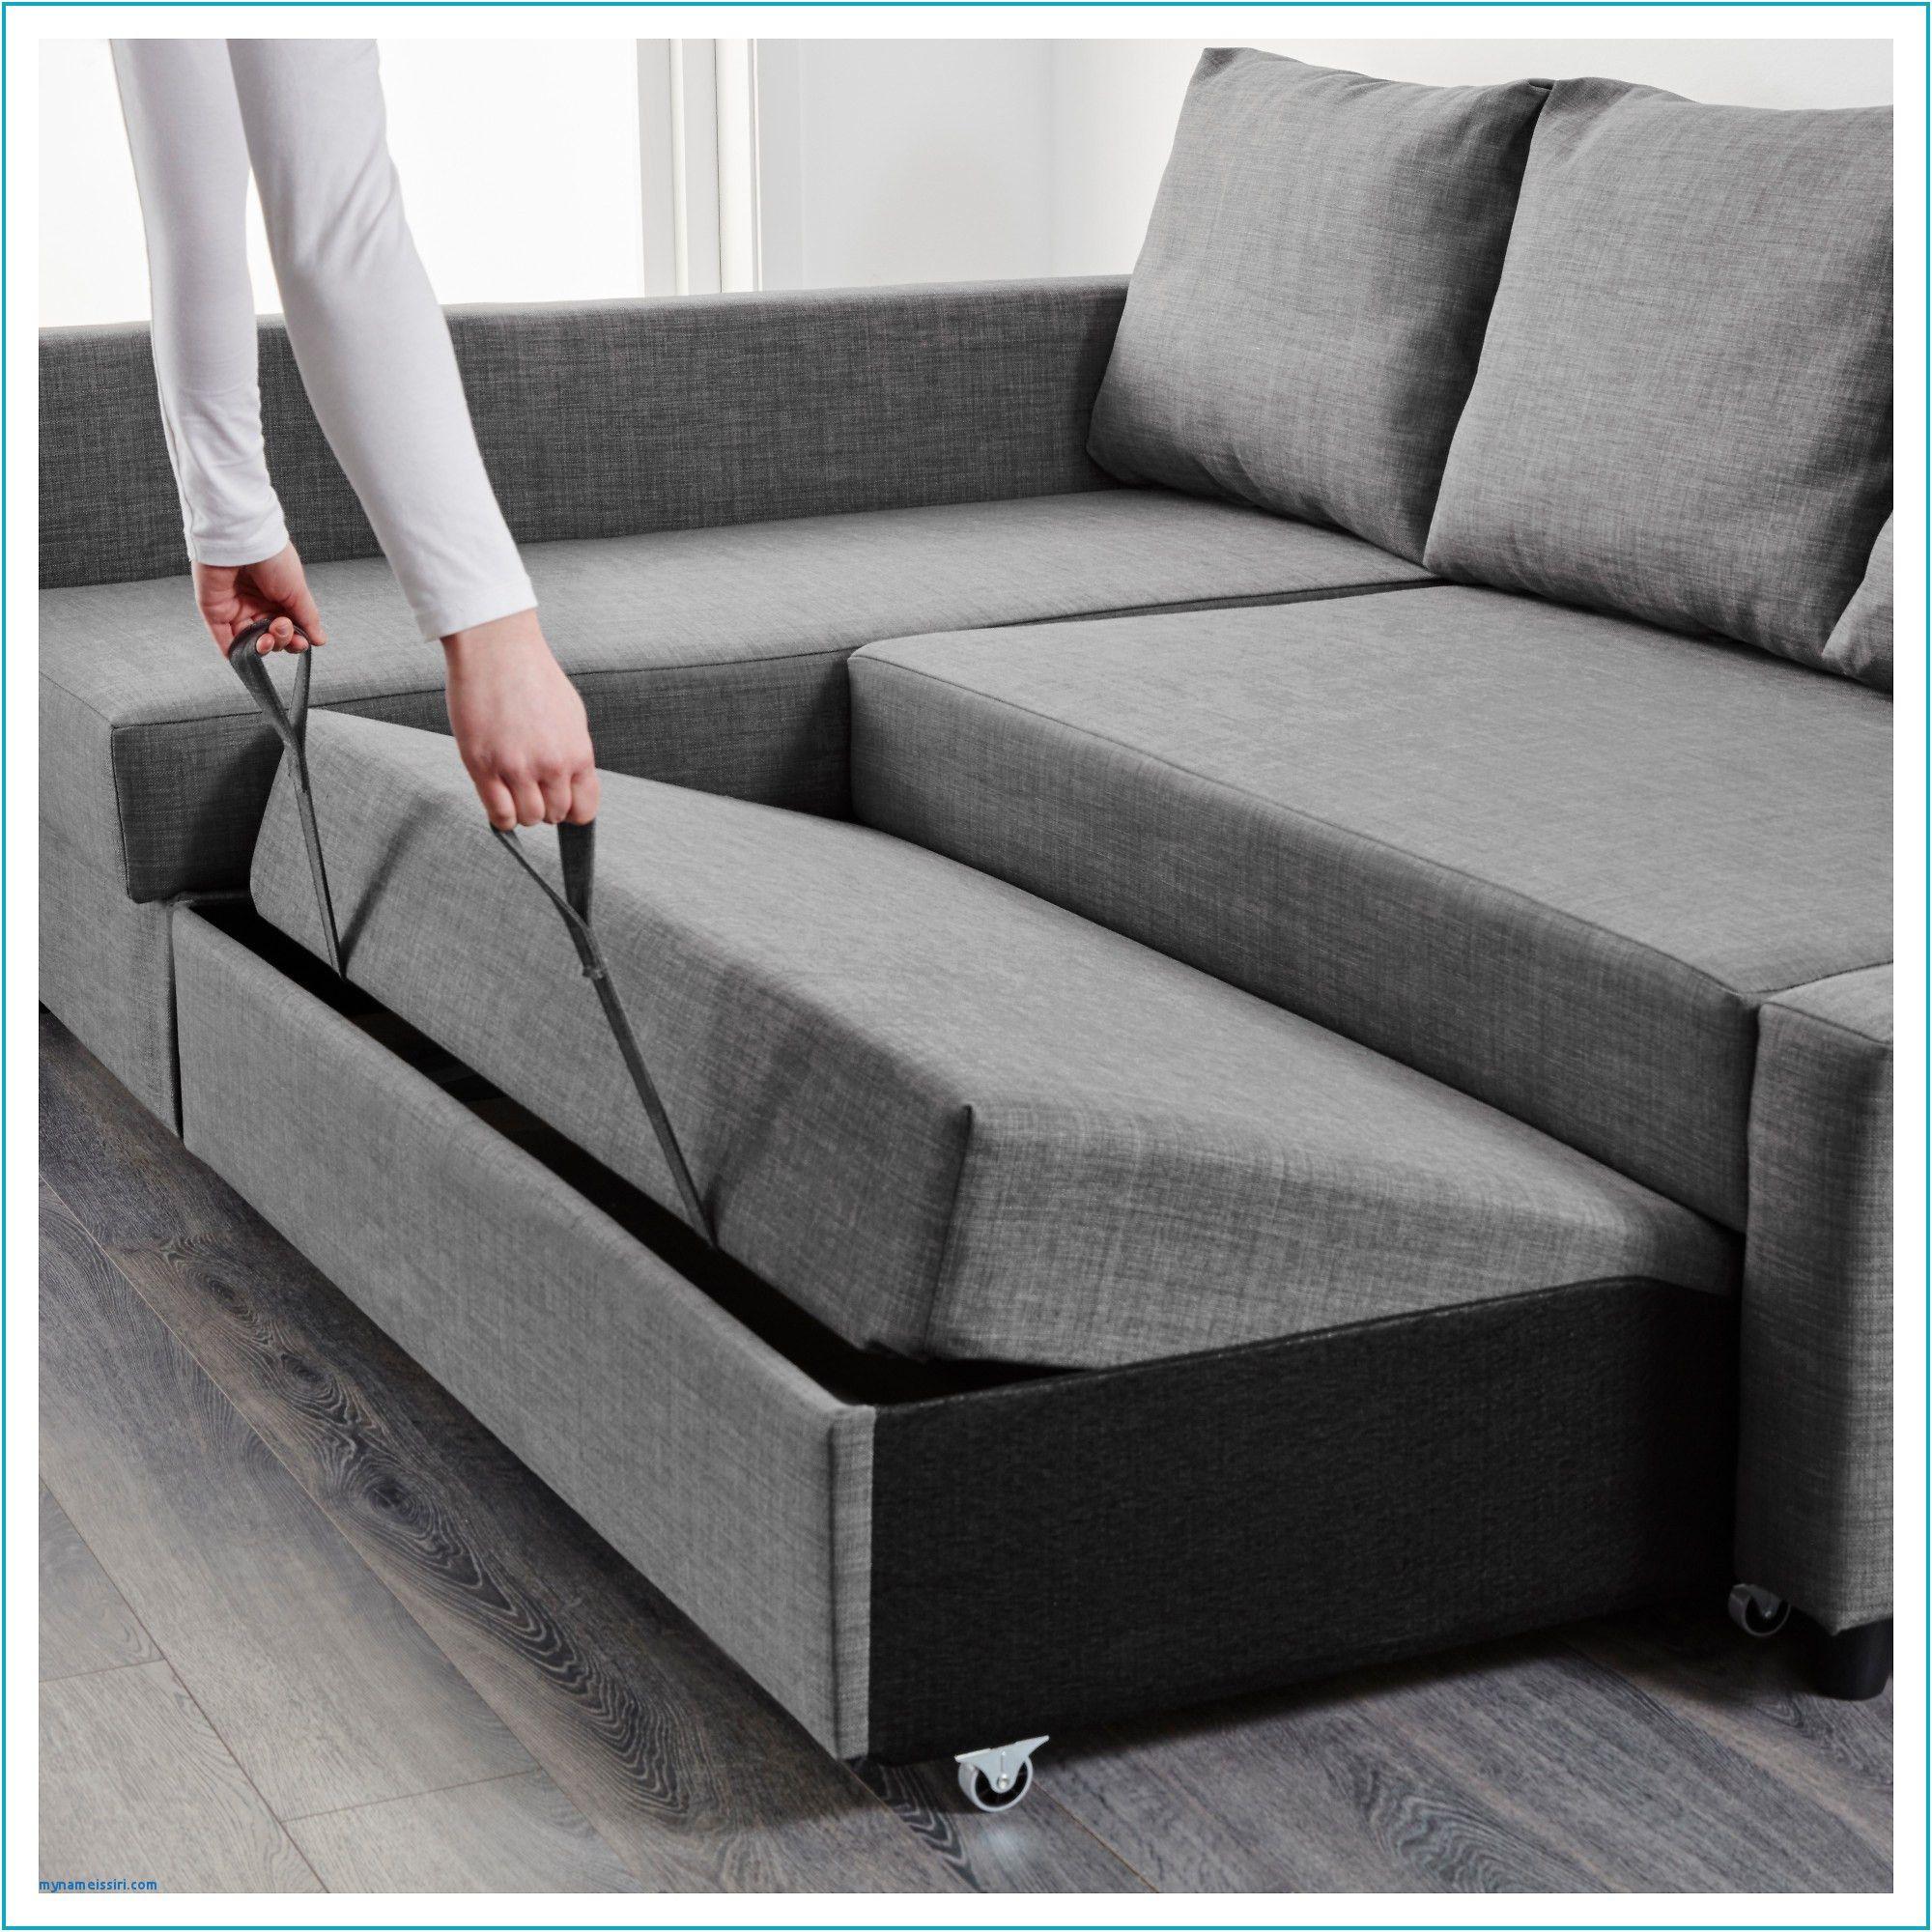 Neu Couch Billig Kaufen Storage Rumah